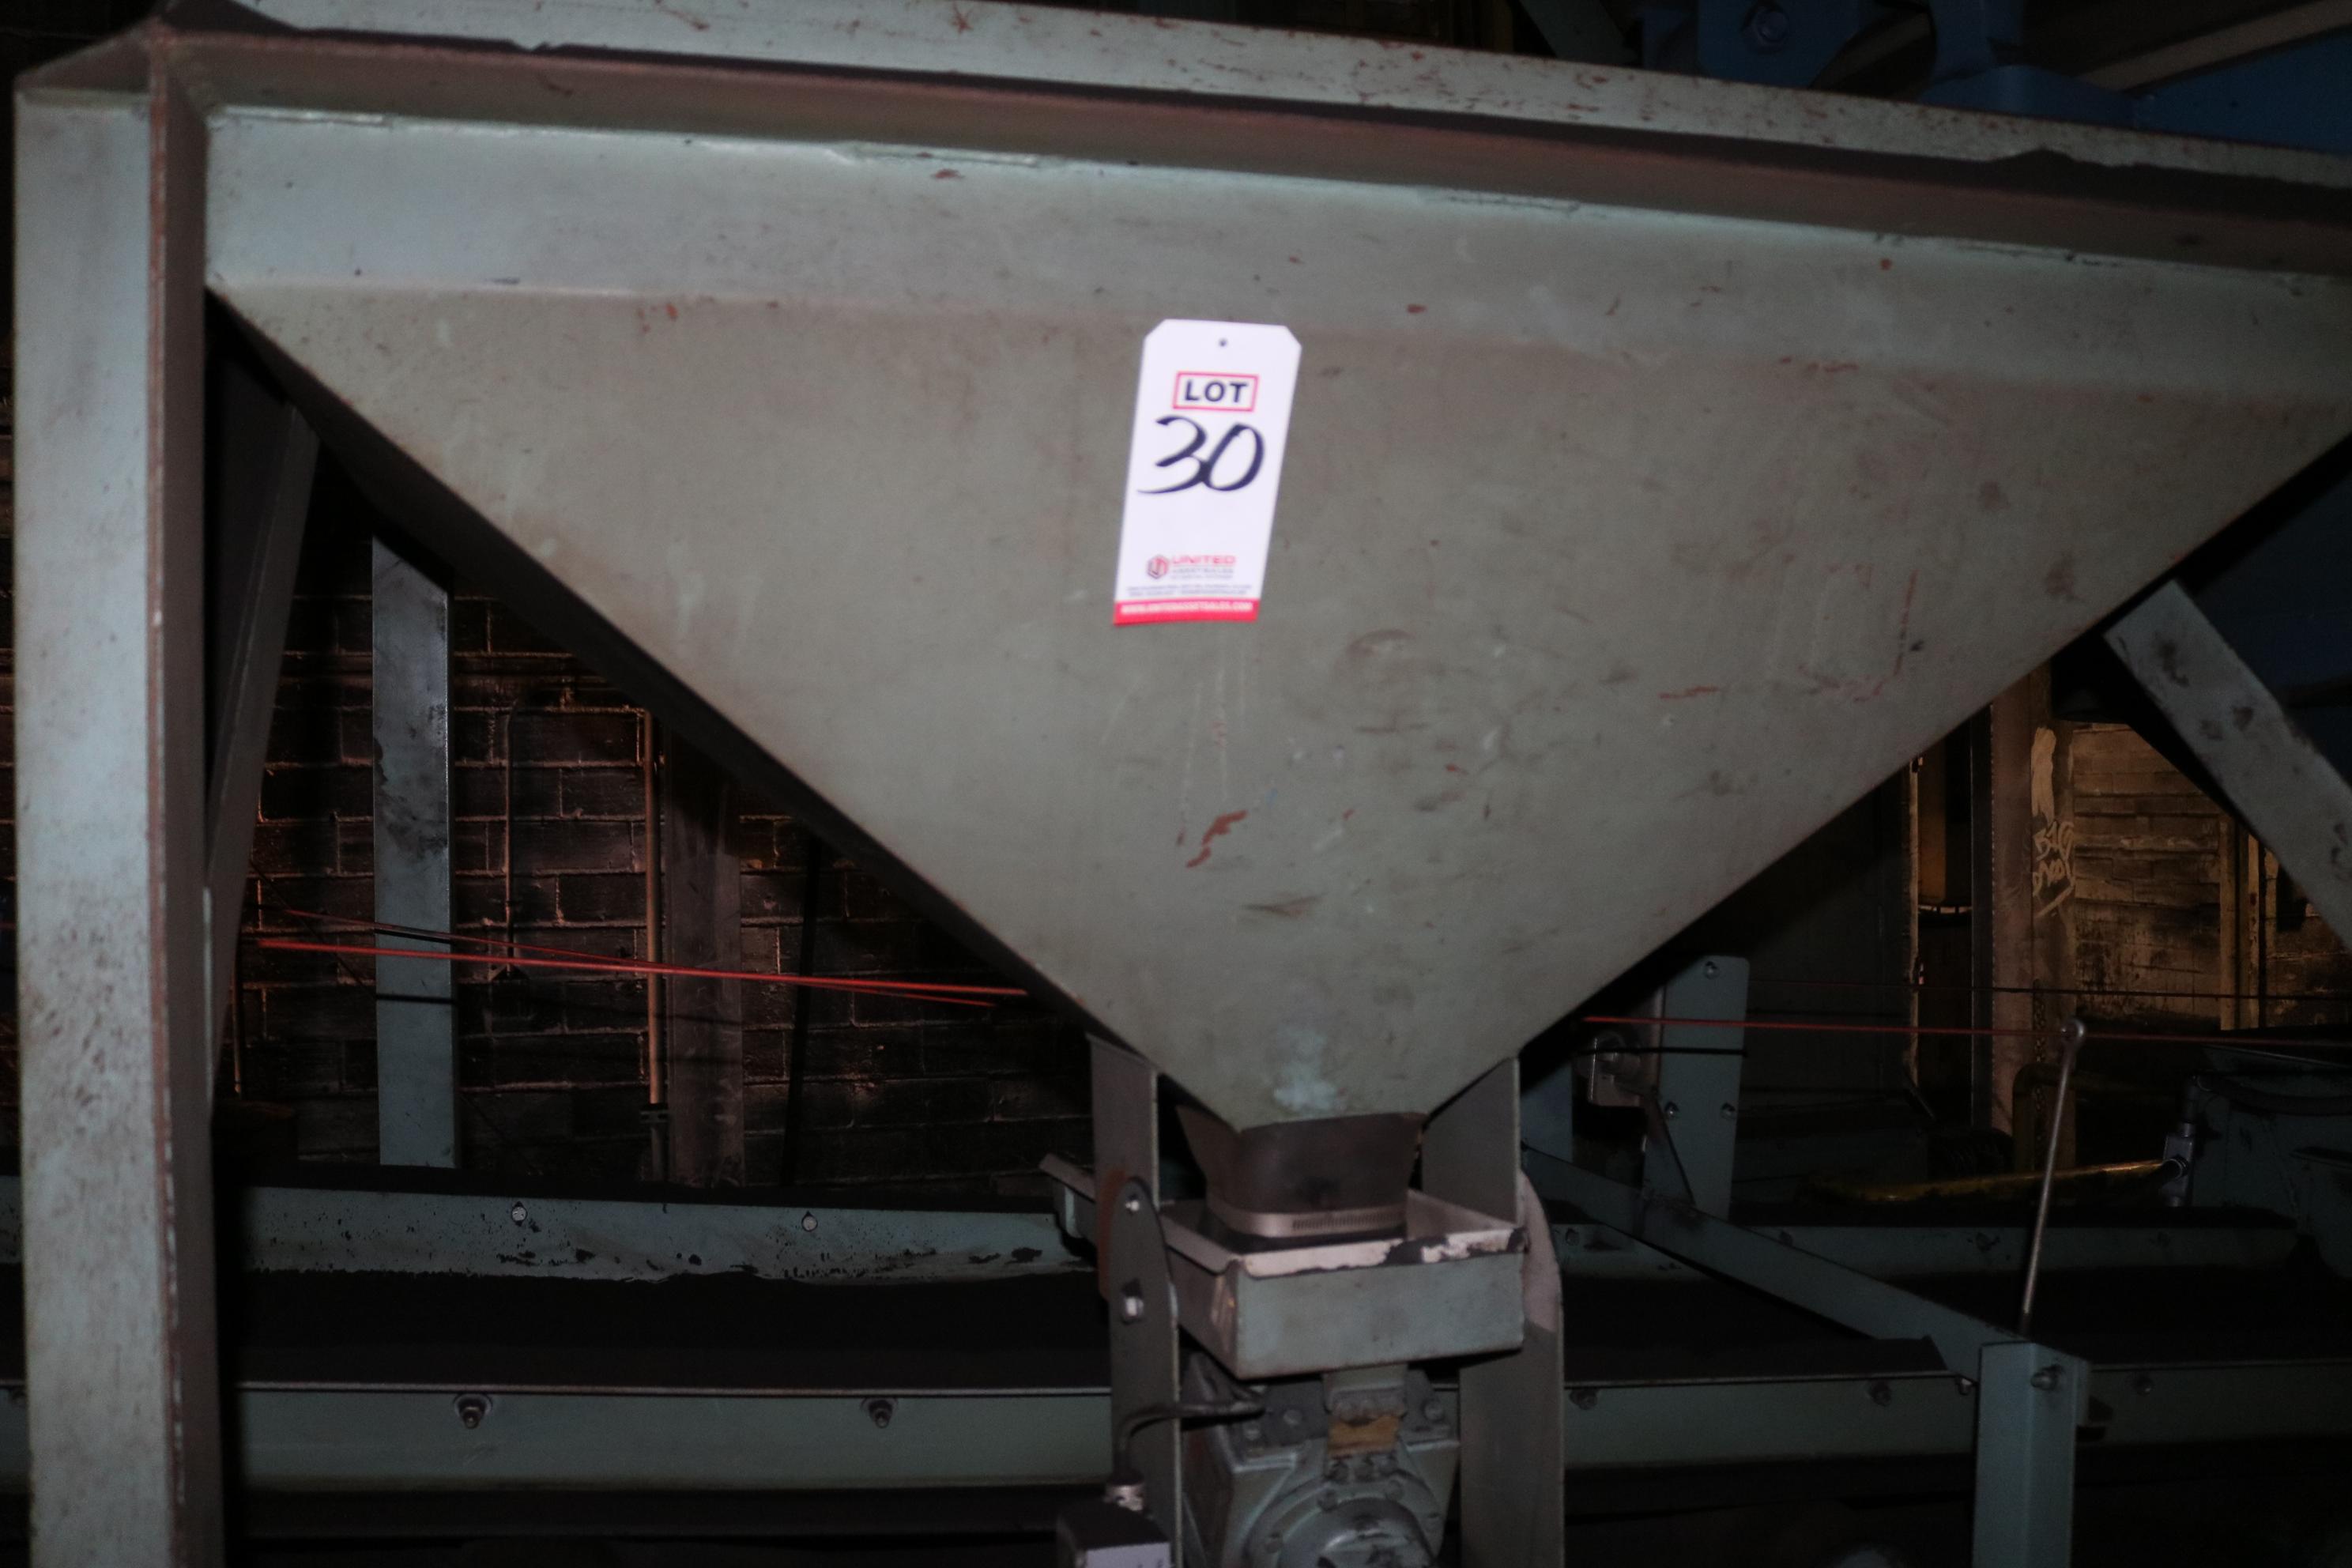 """Lot 30 - 24"""" X 14' 5 HP DISCHARGE BELT CONVEYOR, 5 HP BENTONITE FEEDER AND HOPPER"""